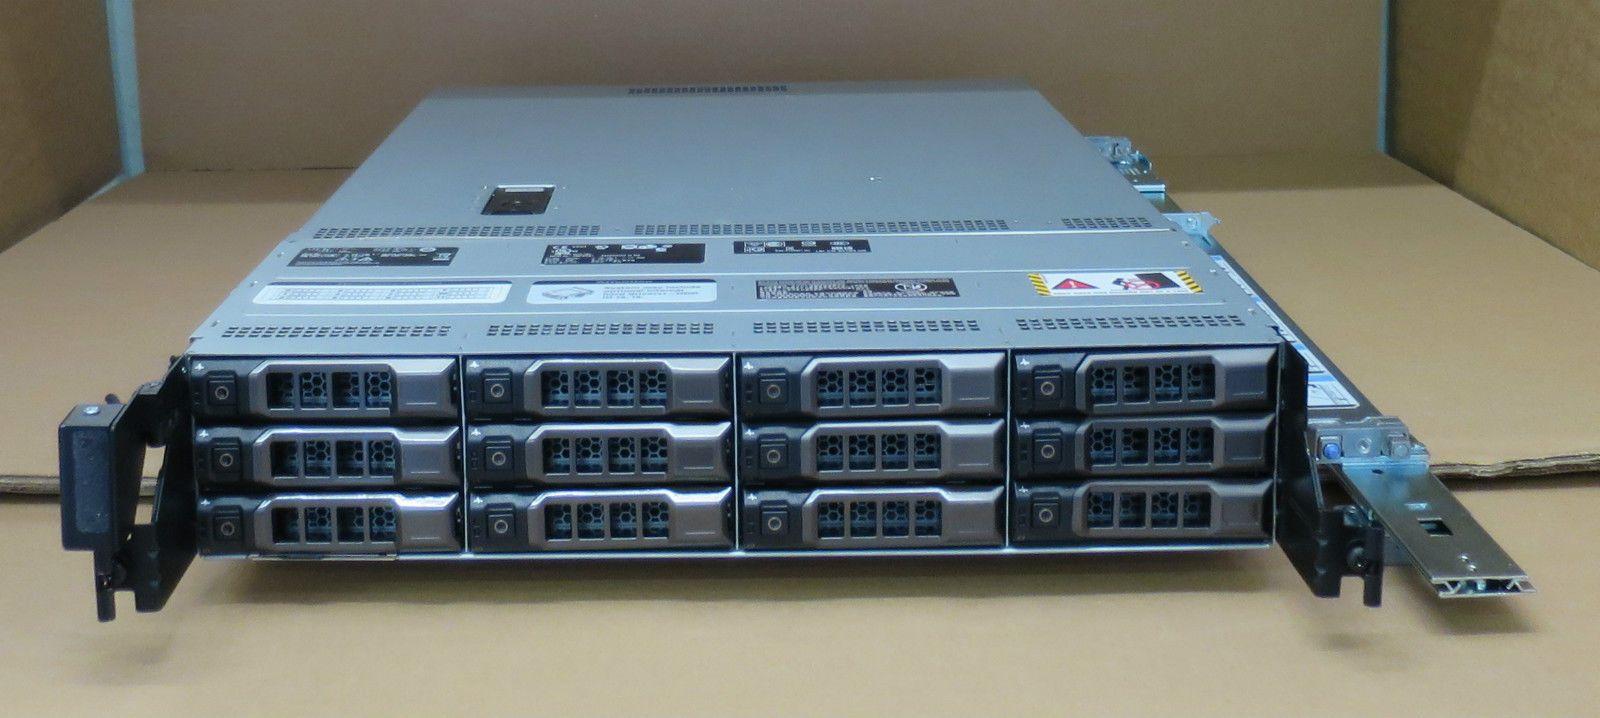 你知道存储服务器的优点吗 一起来看看吧